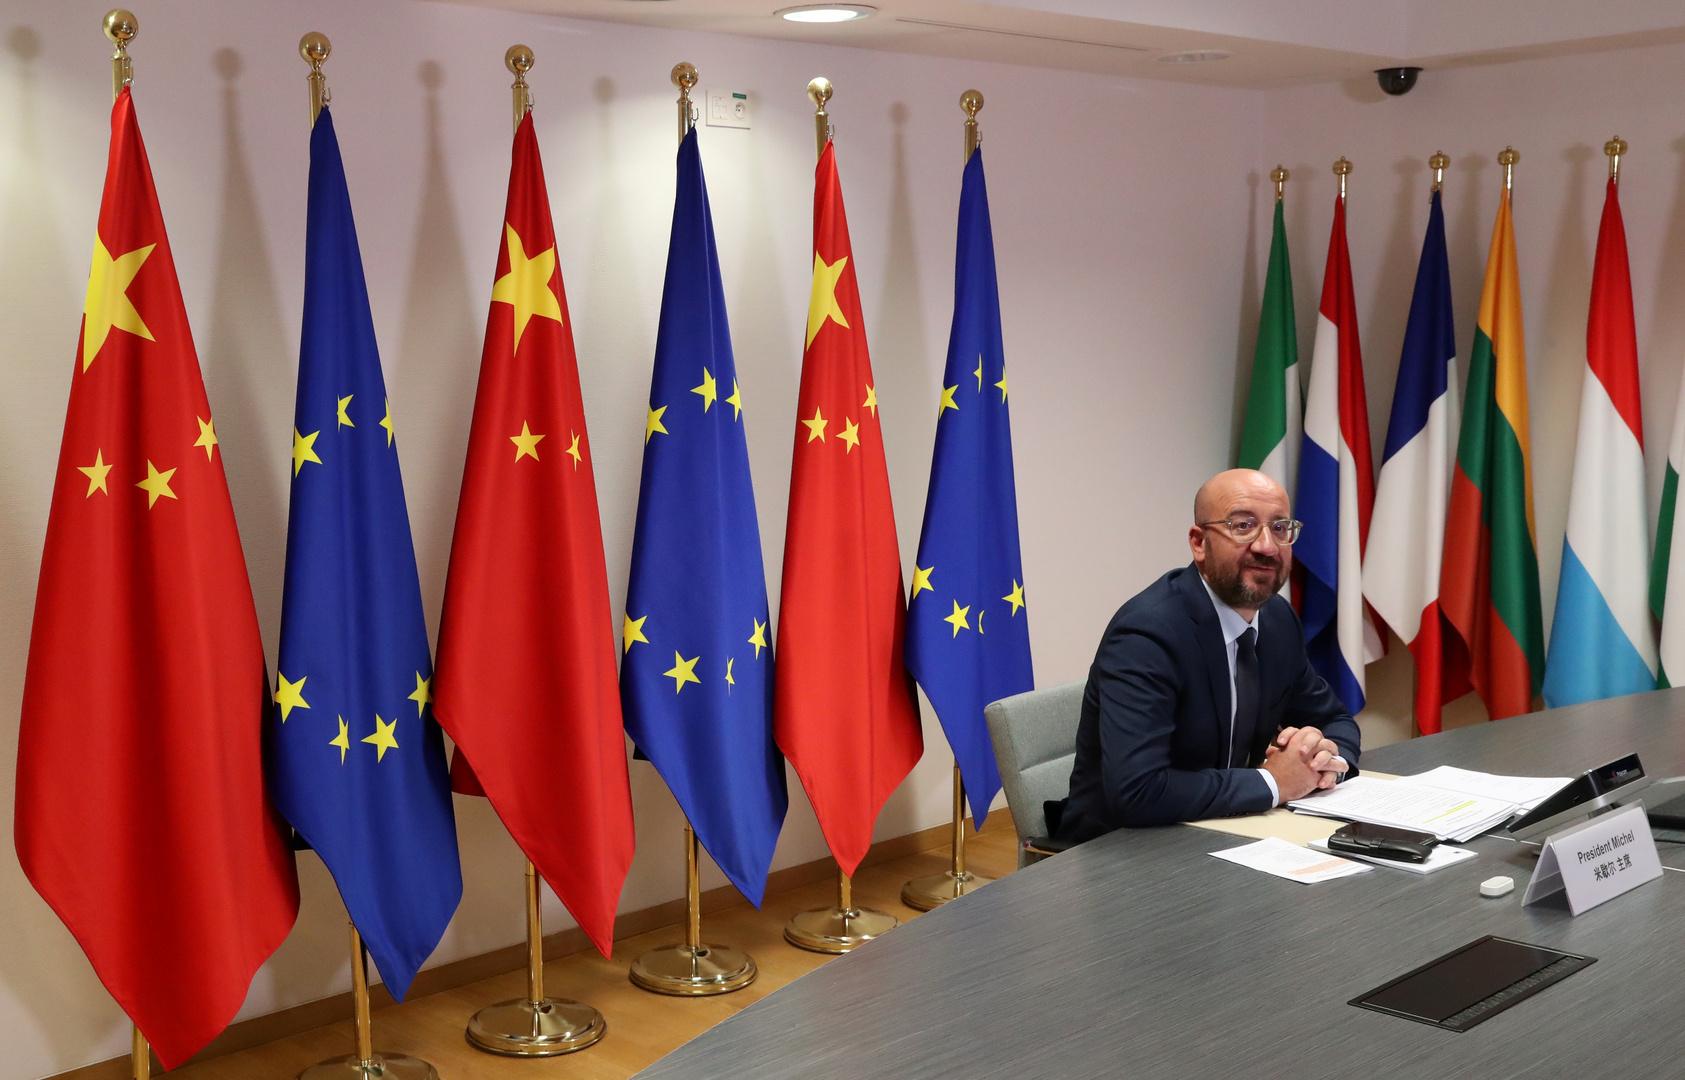 أعلام للاتحاد الأوروبي والصين